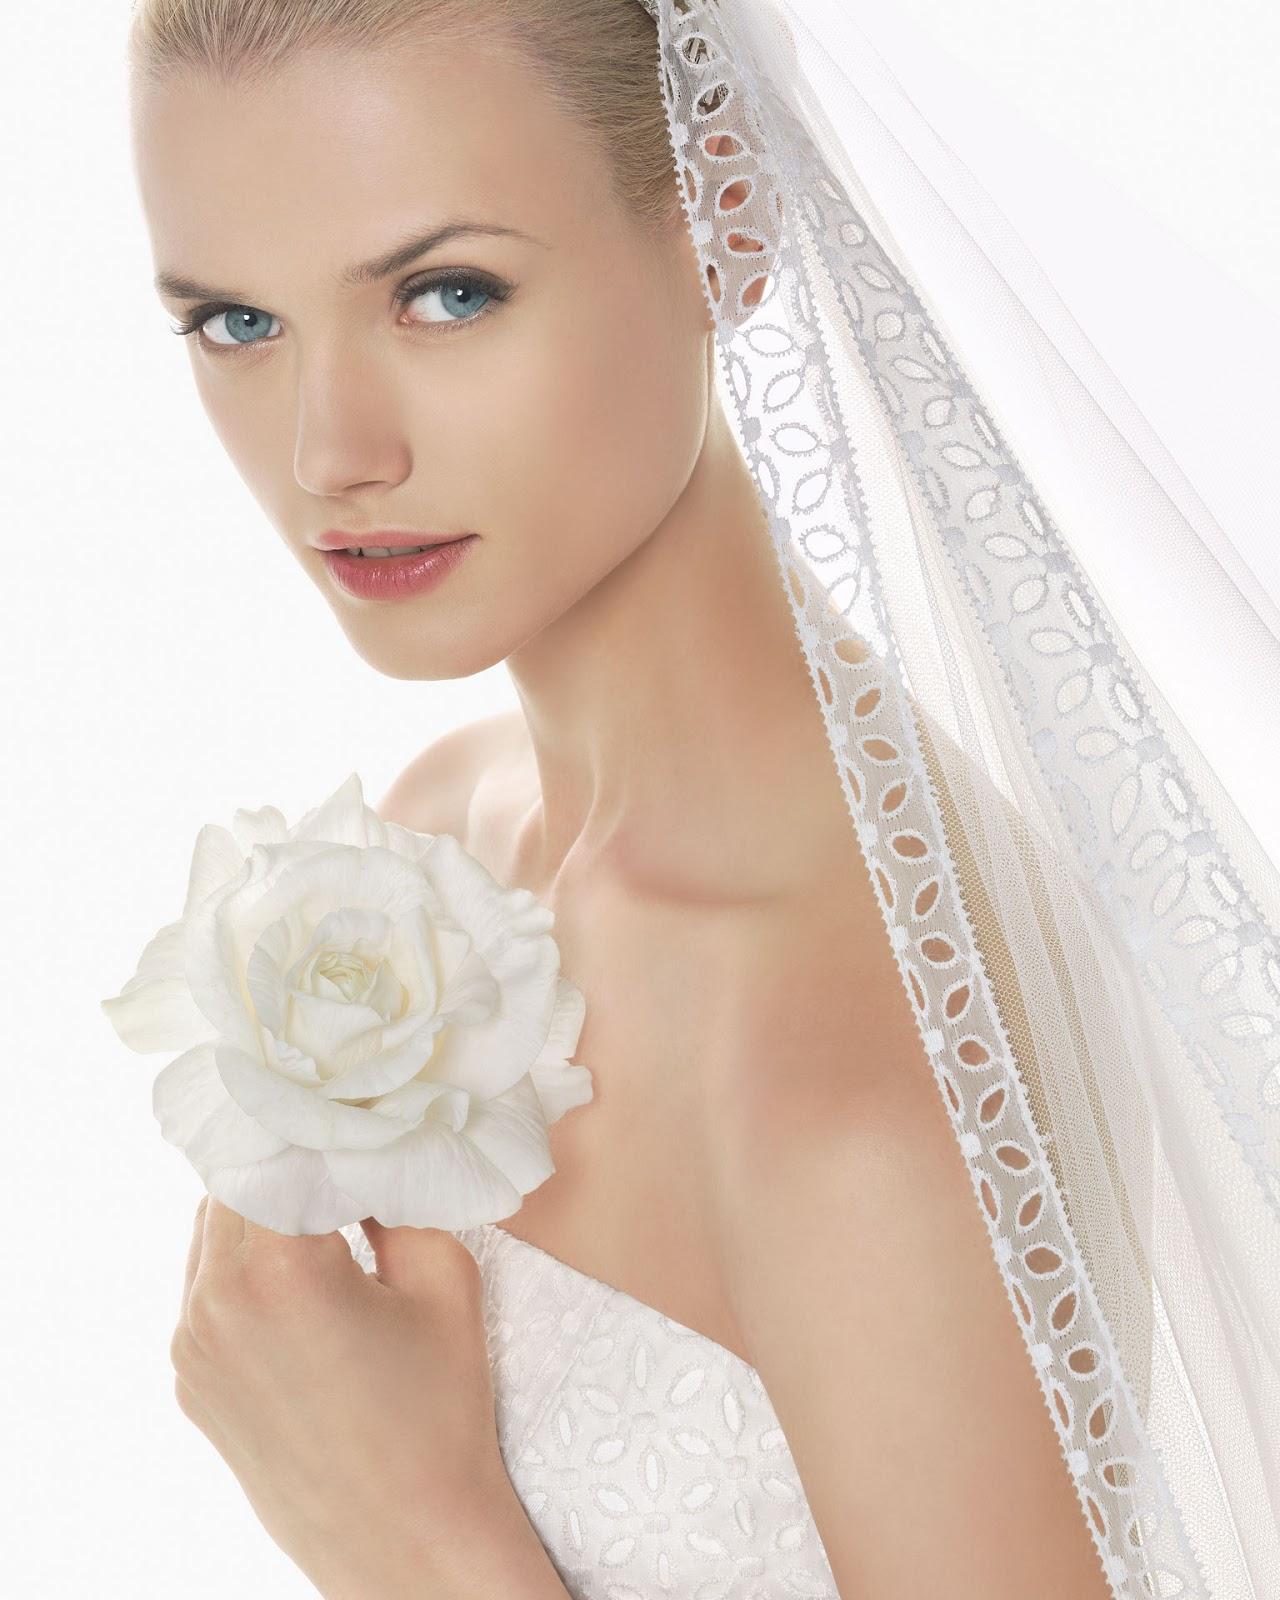 b42bf91f09 ... a enseñar los modelos de Rosa Clará para 2013. Asi que las novias que  aun estáis en busca de vuestro vestido y complementos estos son algunas  opciones.